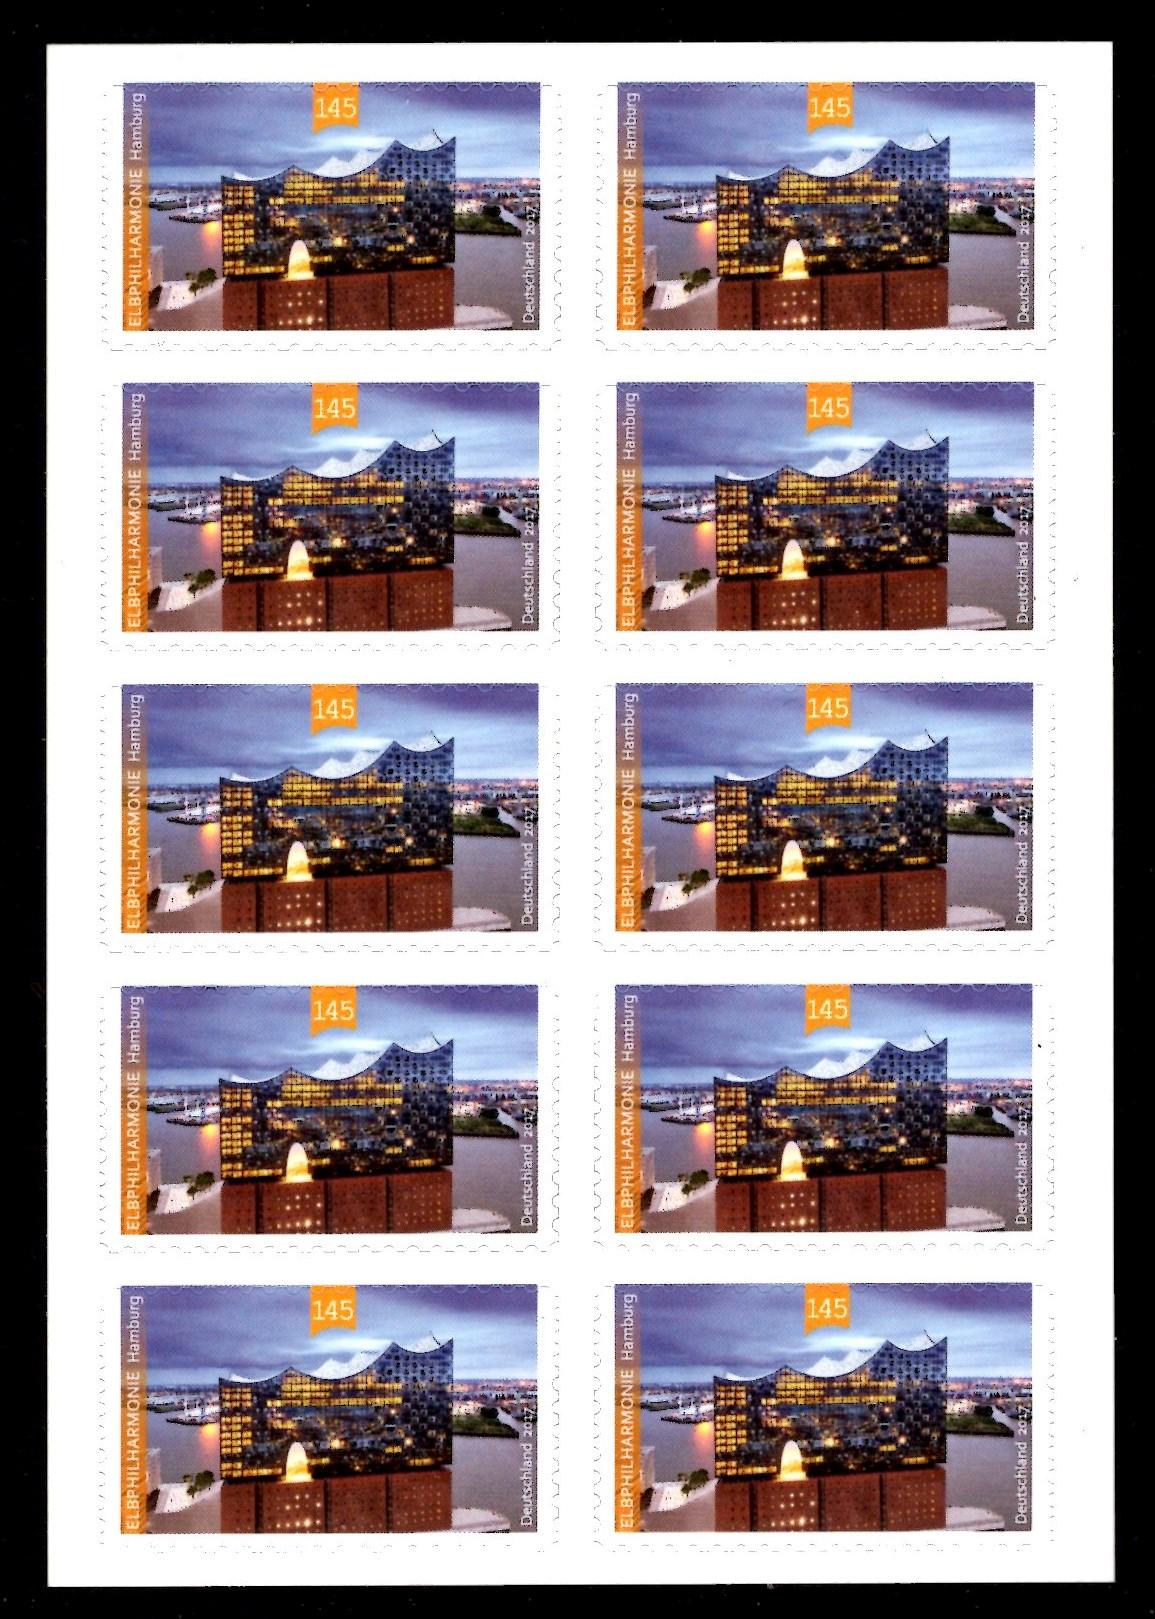 FBL 063 Eröffnung Elbphilharmonie